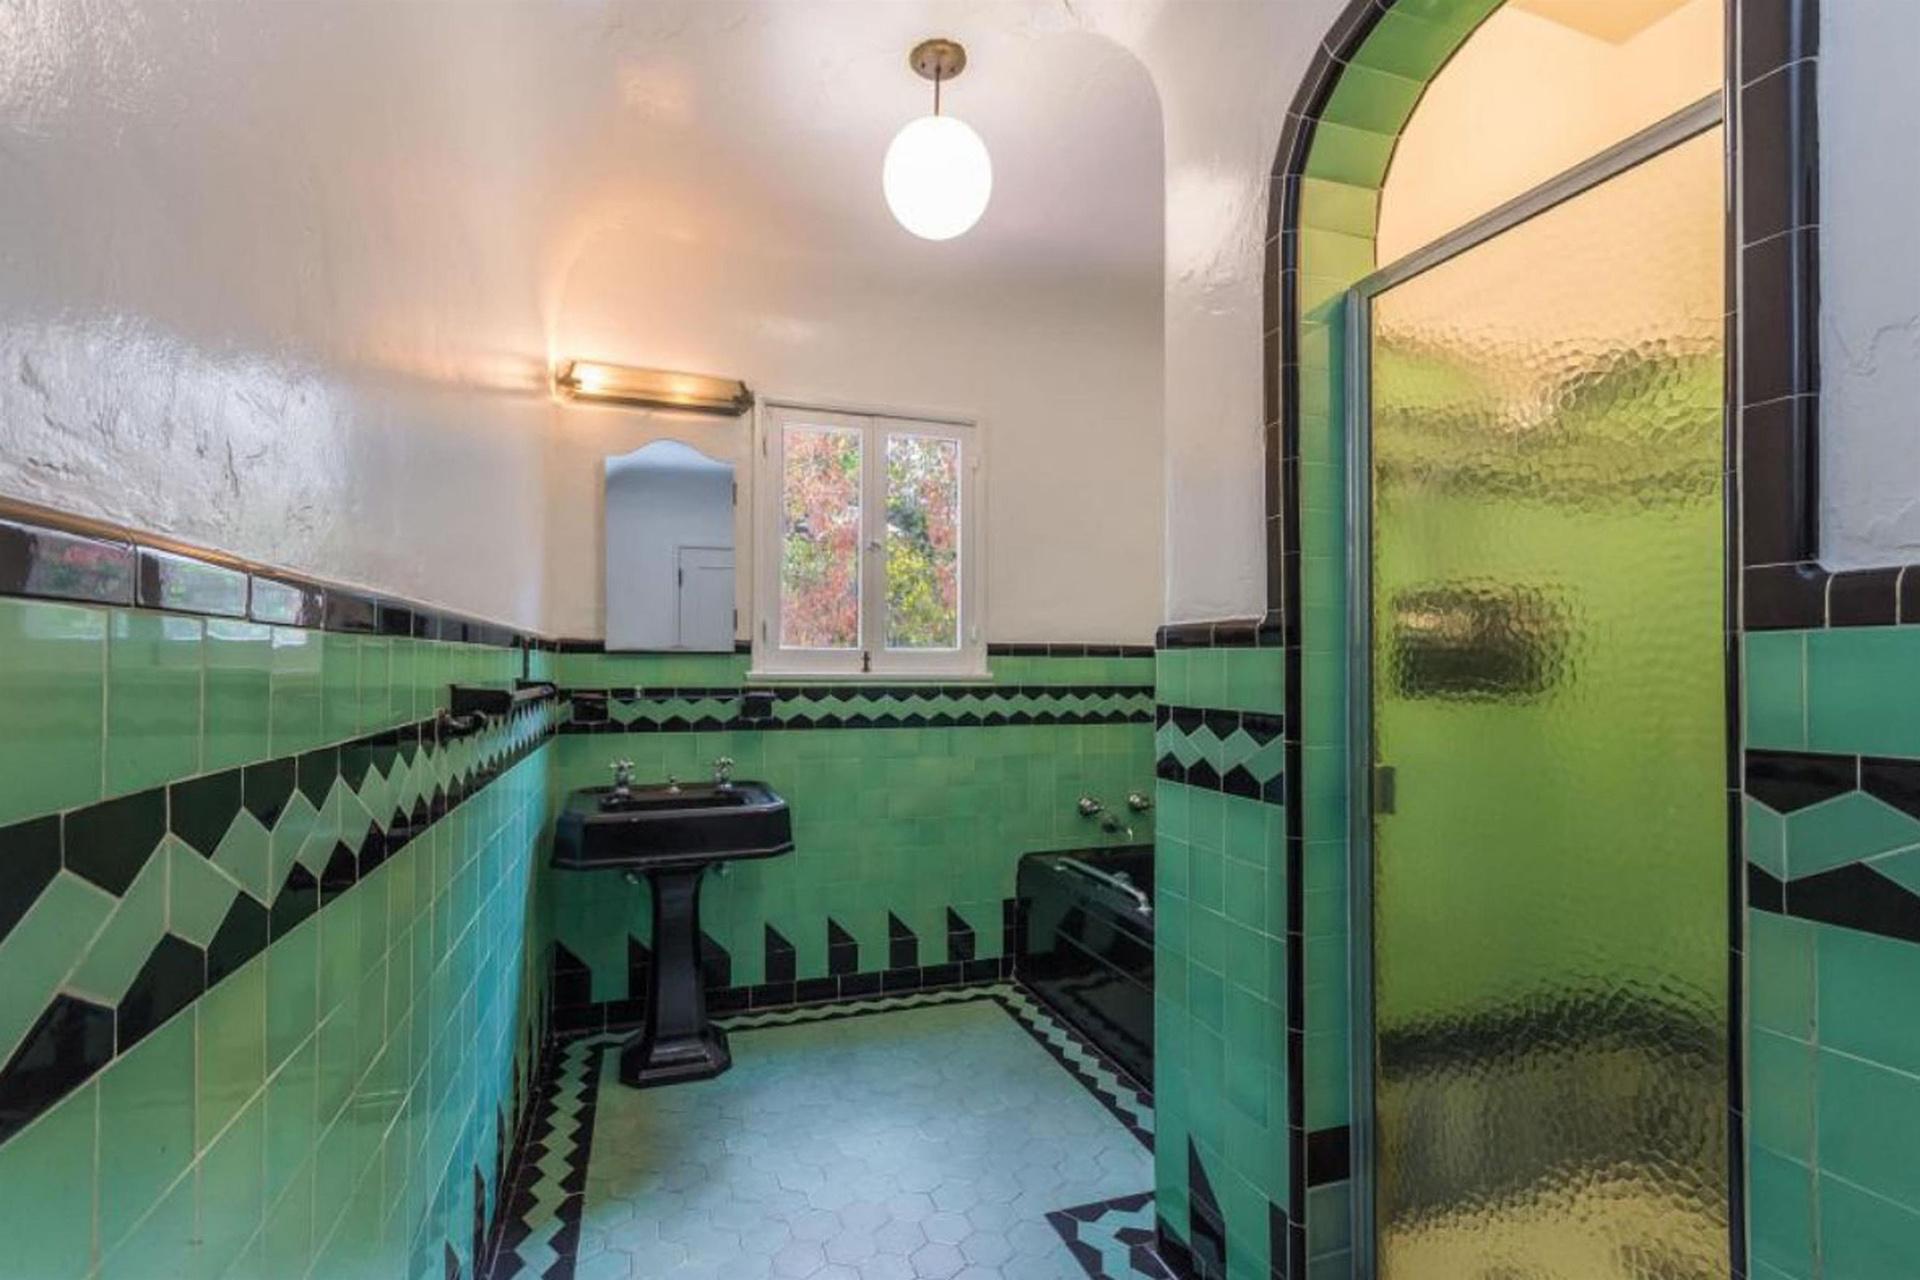 Con un estilo español, la residencia tiene hermosos azulejos de colores. (The Grosby Group)